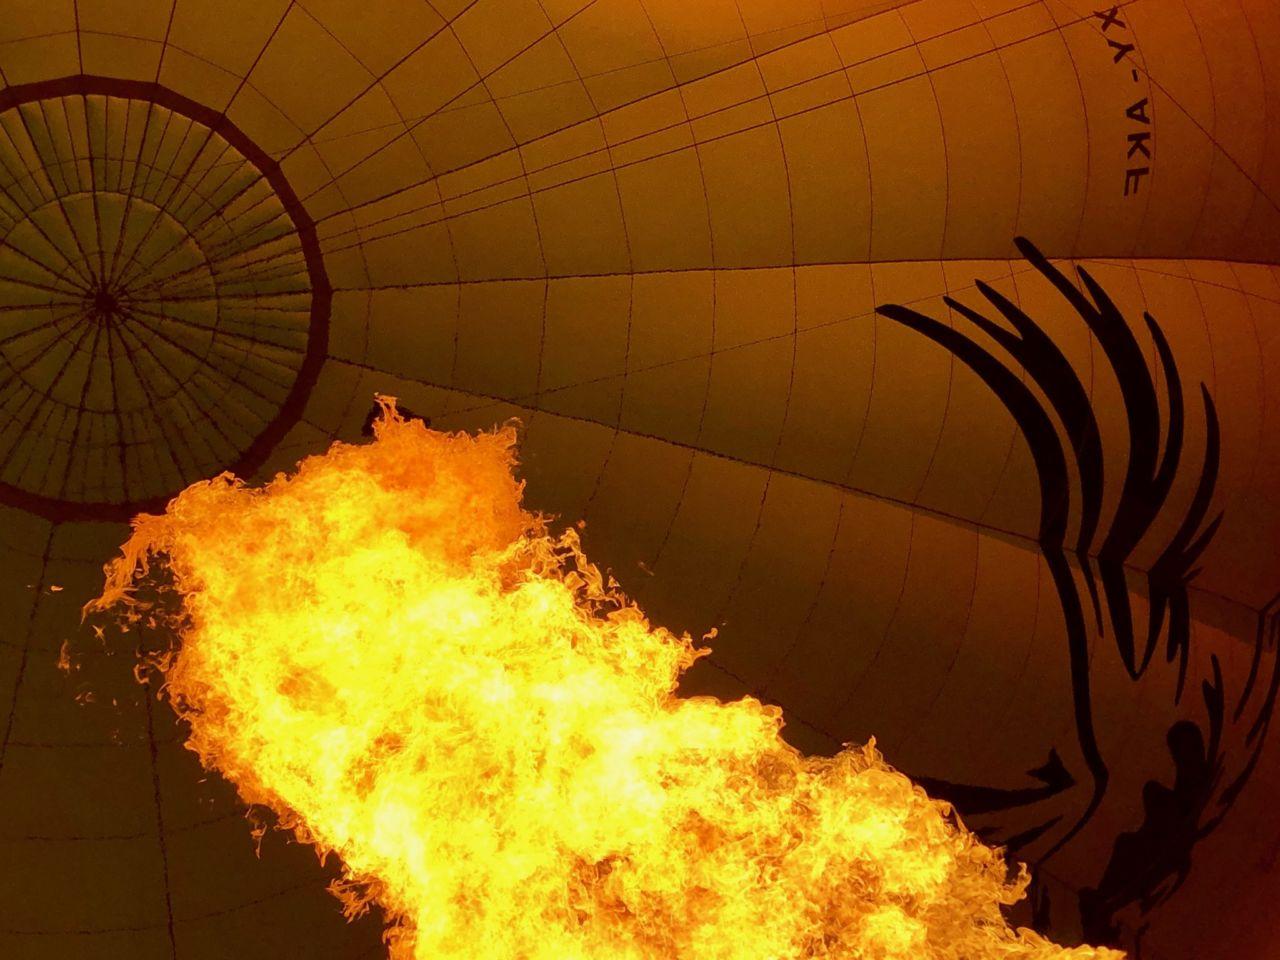 Stichflamme im Ballon